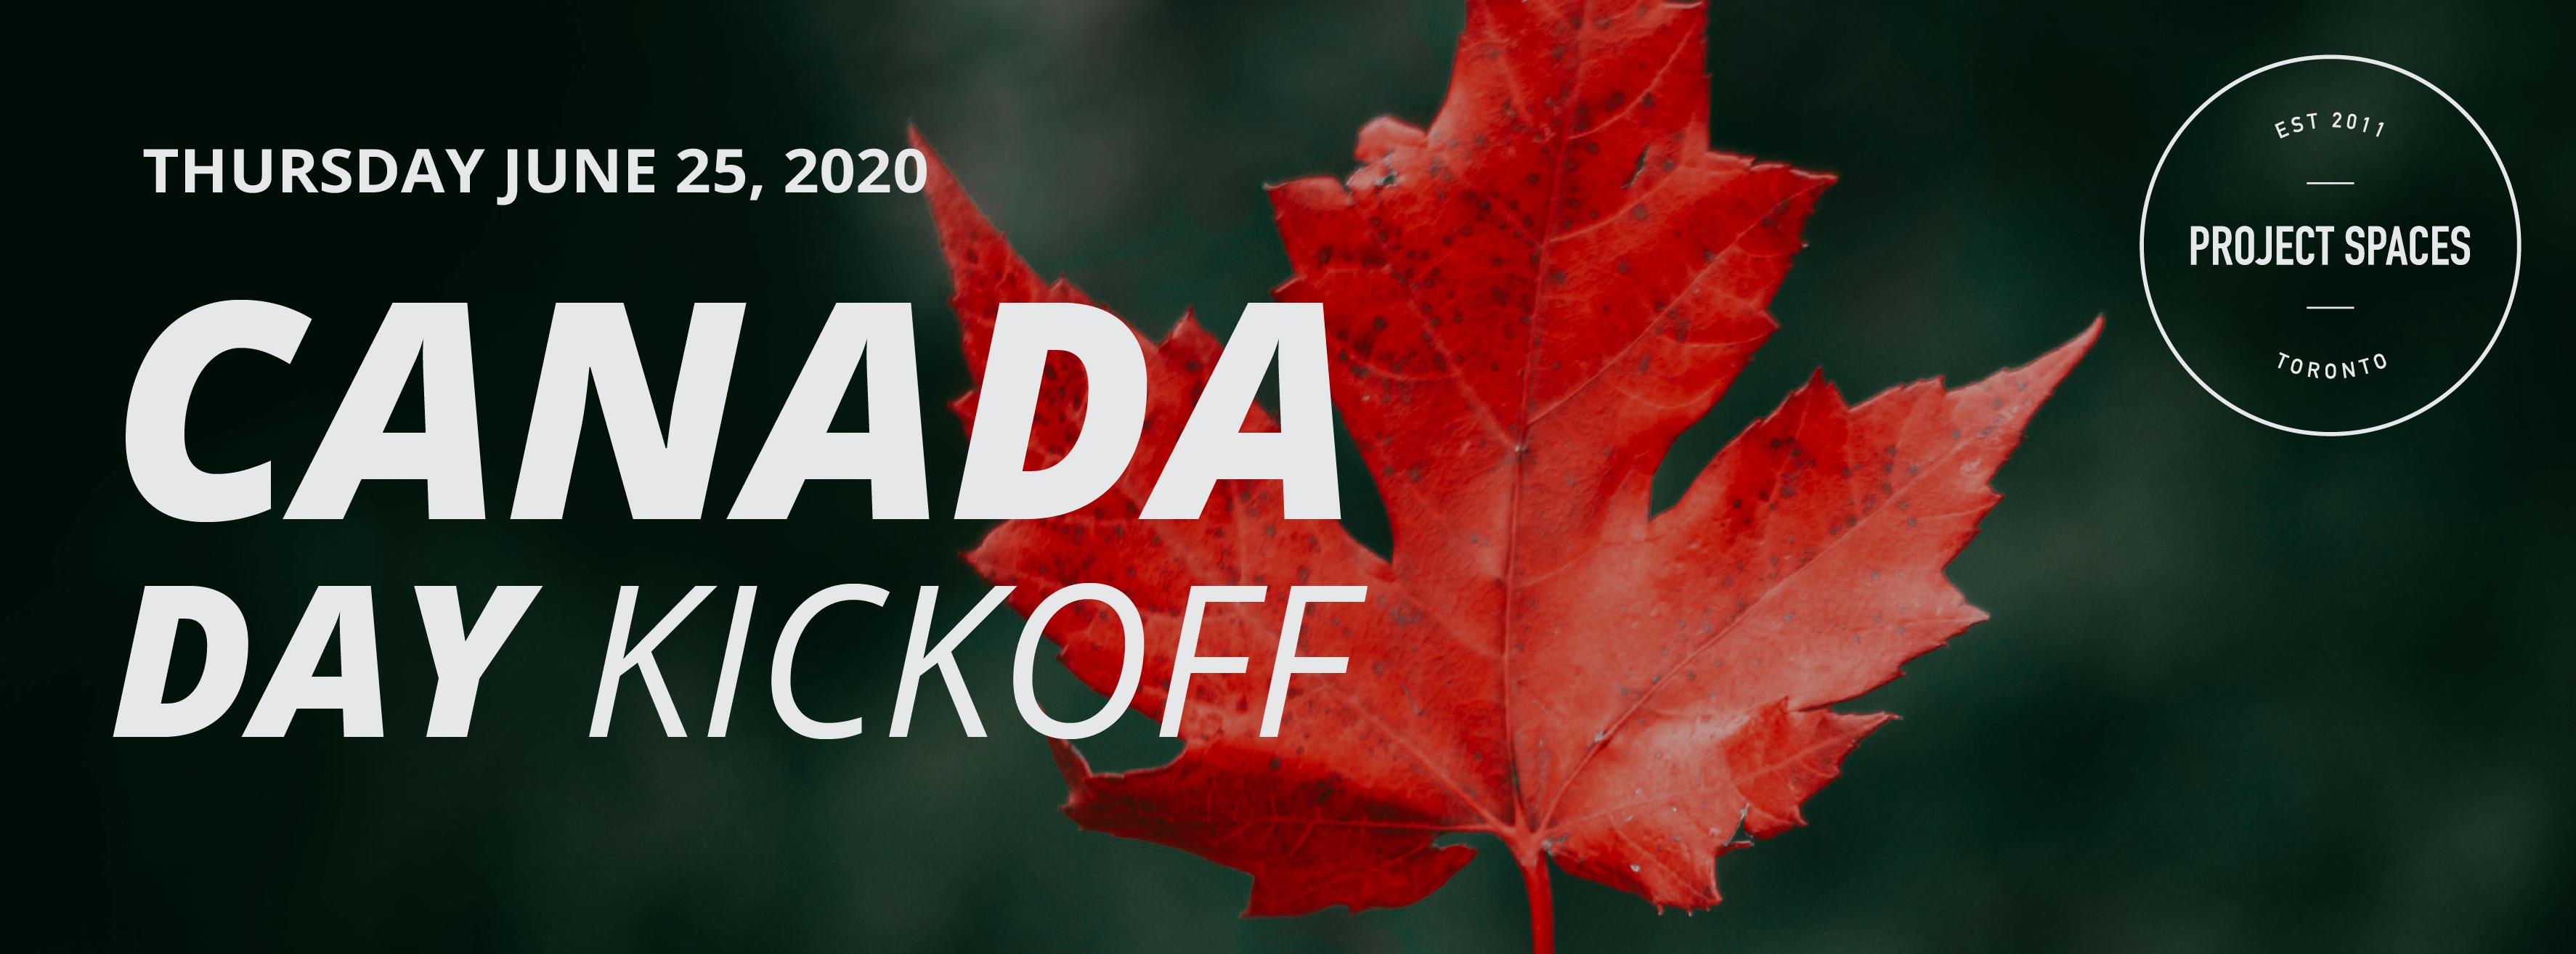 Canada Day Kickoff